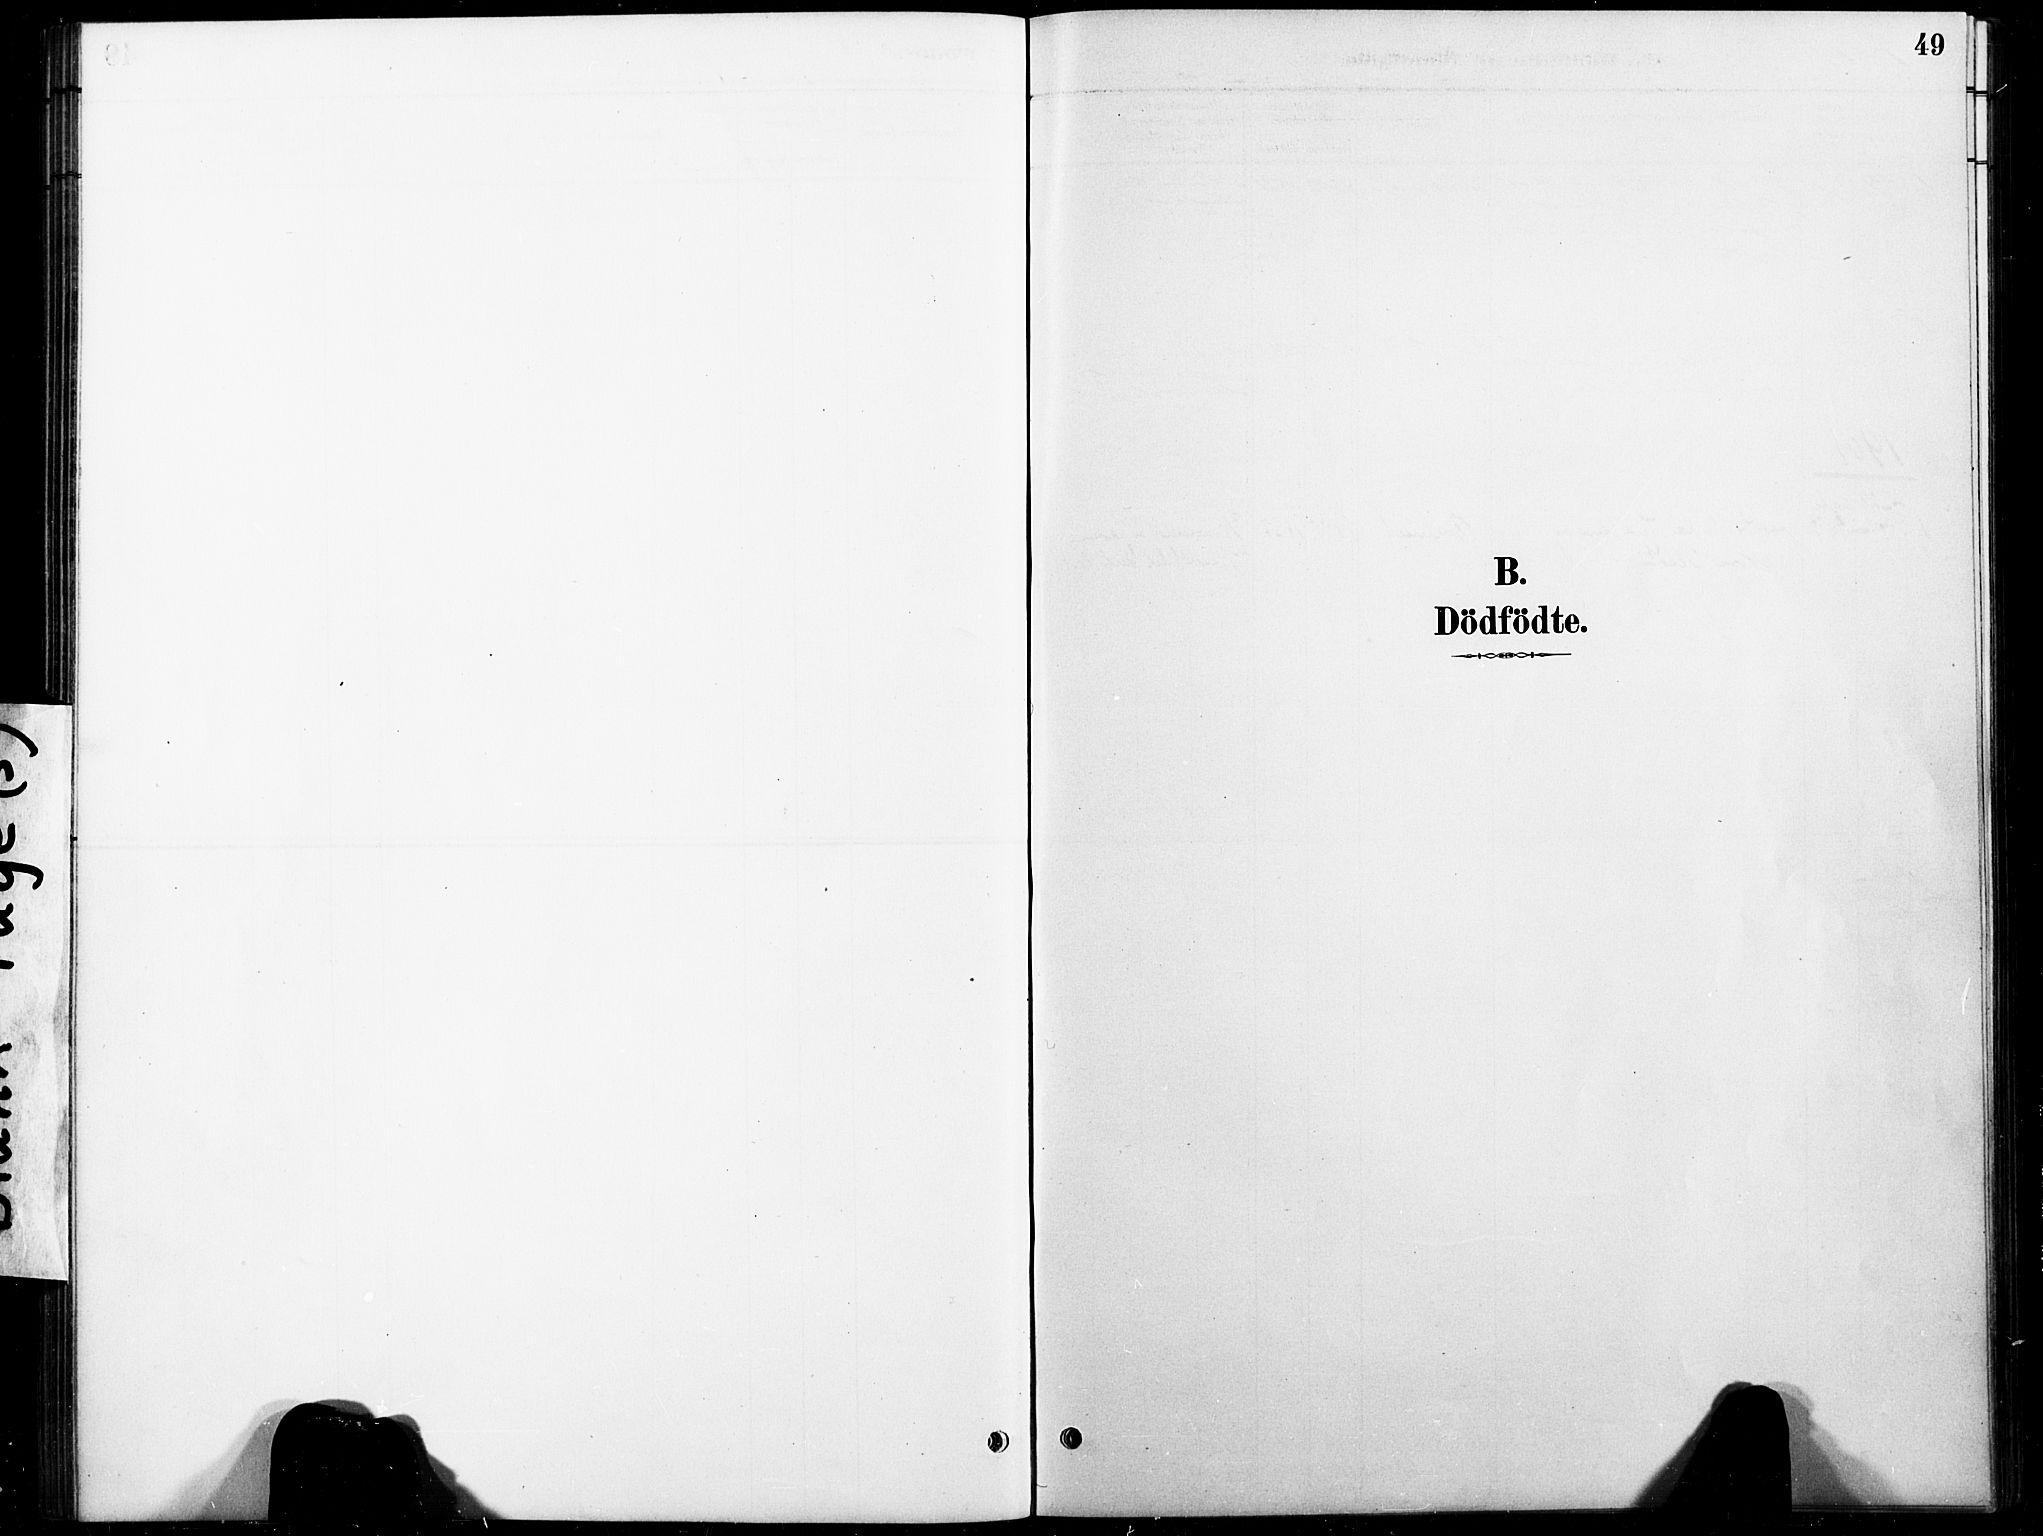 SAT, Ministerialprotokoller, klokkerbøker og fødselsregistre - Nord-Trøndelag, 738/L0364: Ministerialbok nr. 738A01, 1884-1902, s. 49